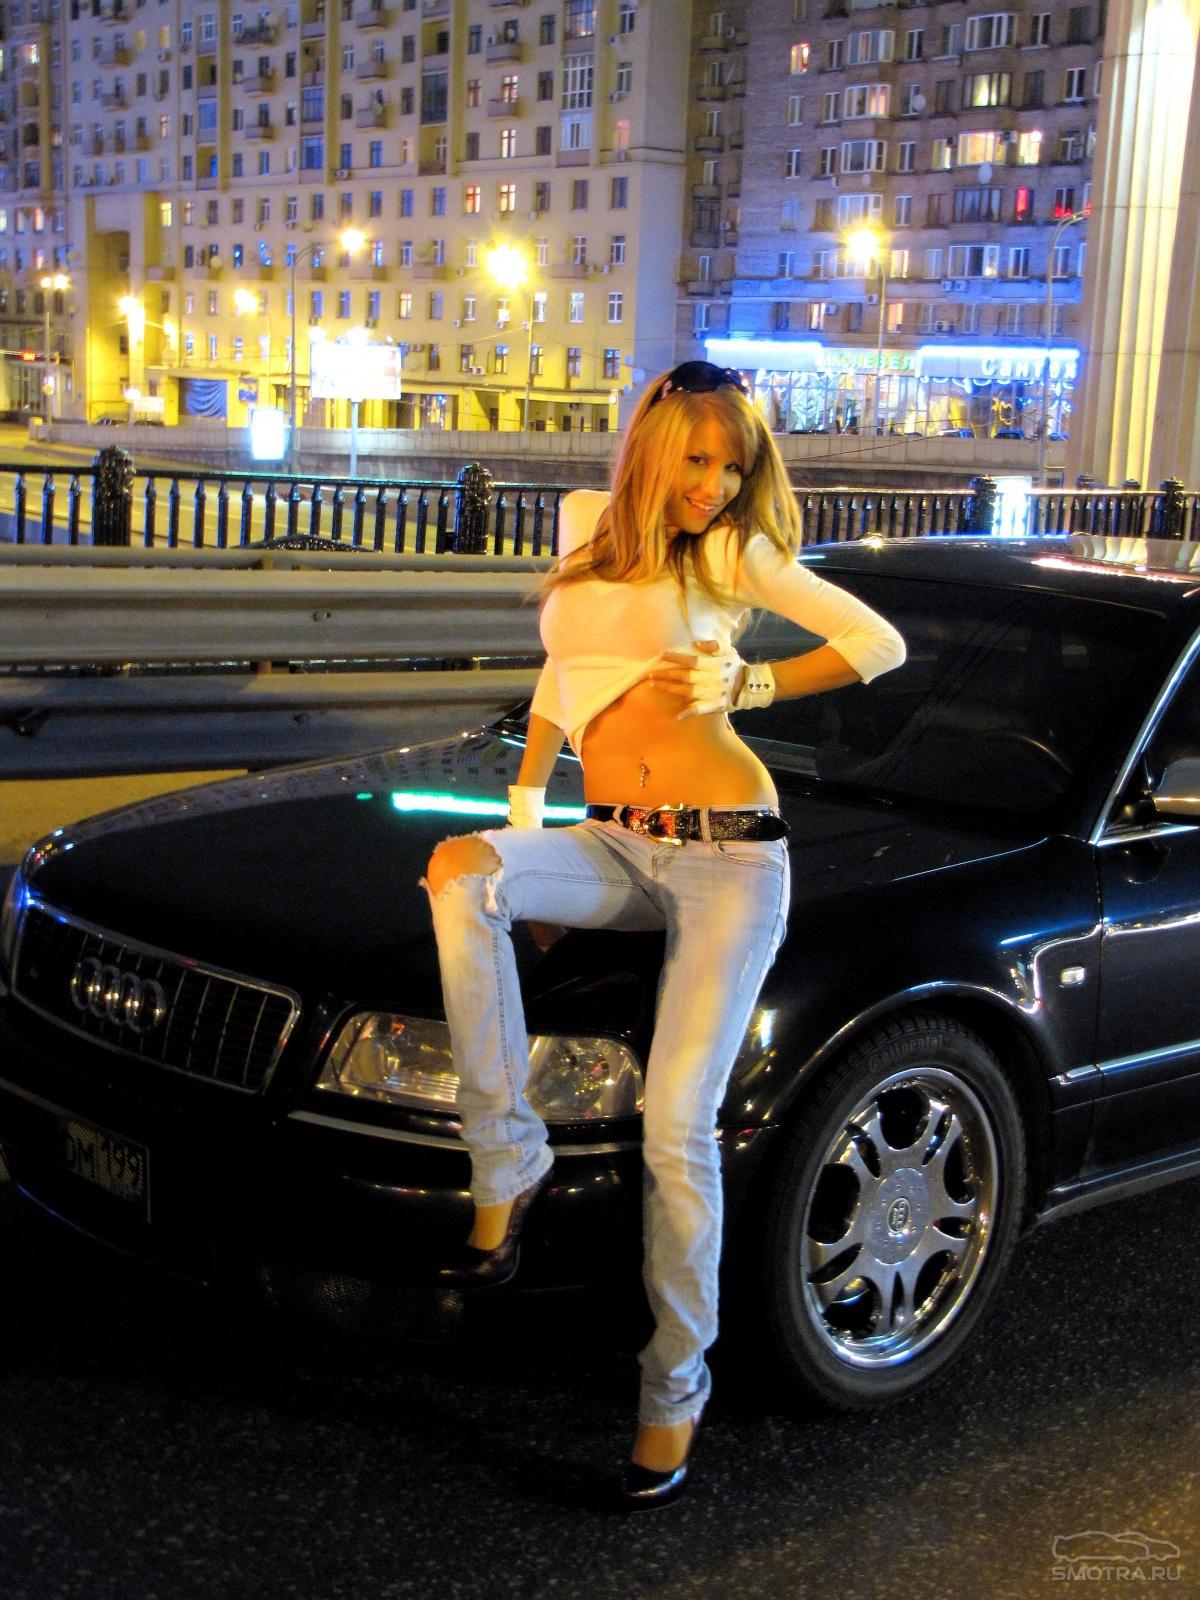 Русские женщины в машине 2 фотография